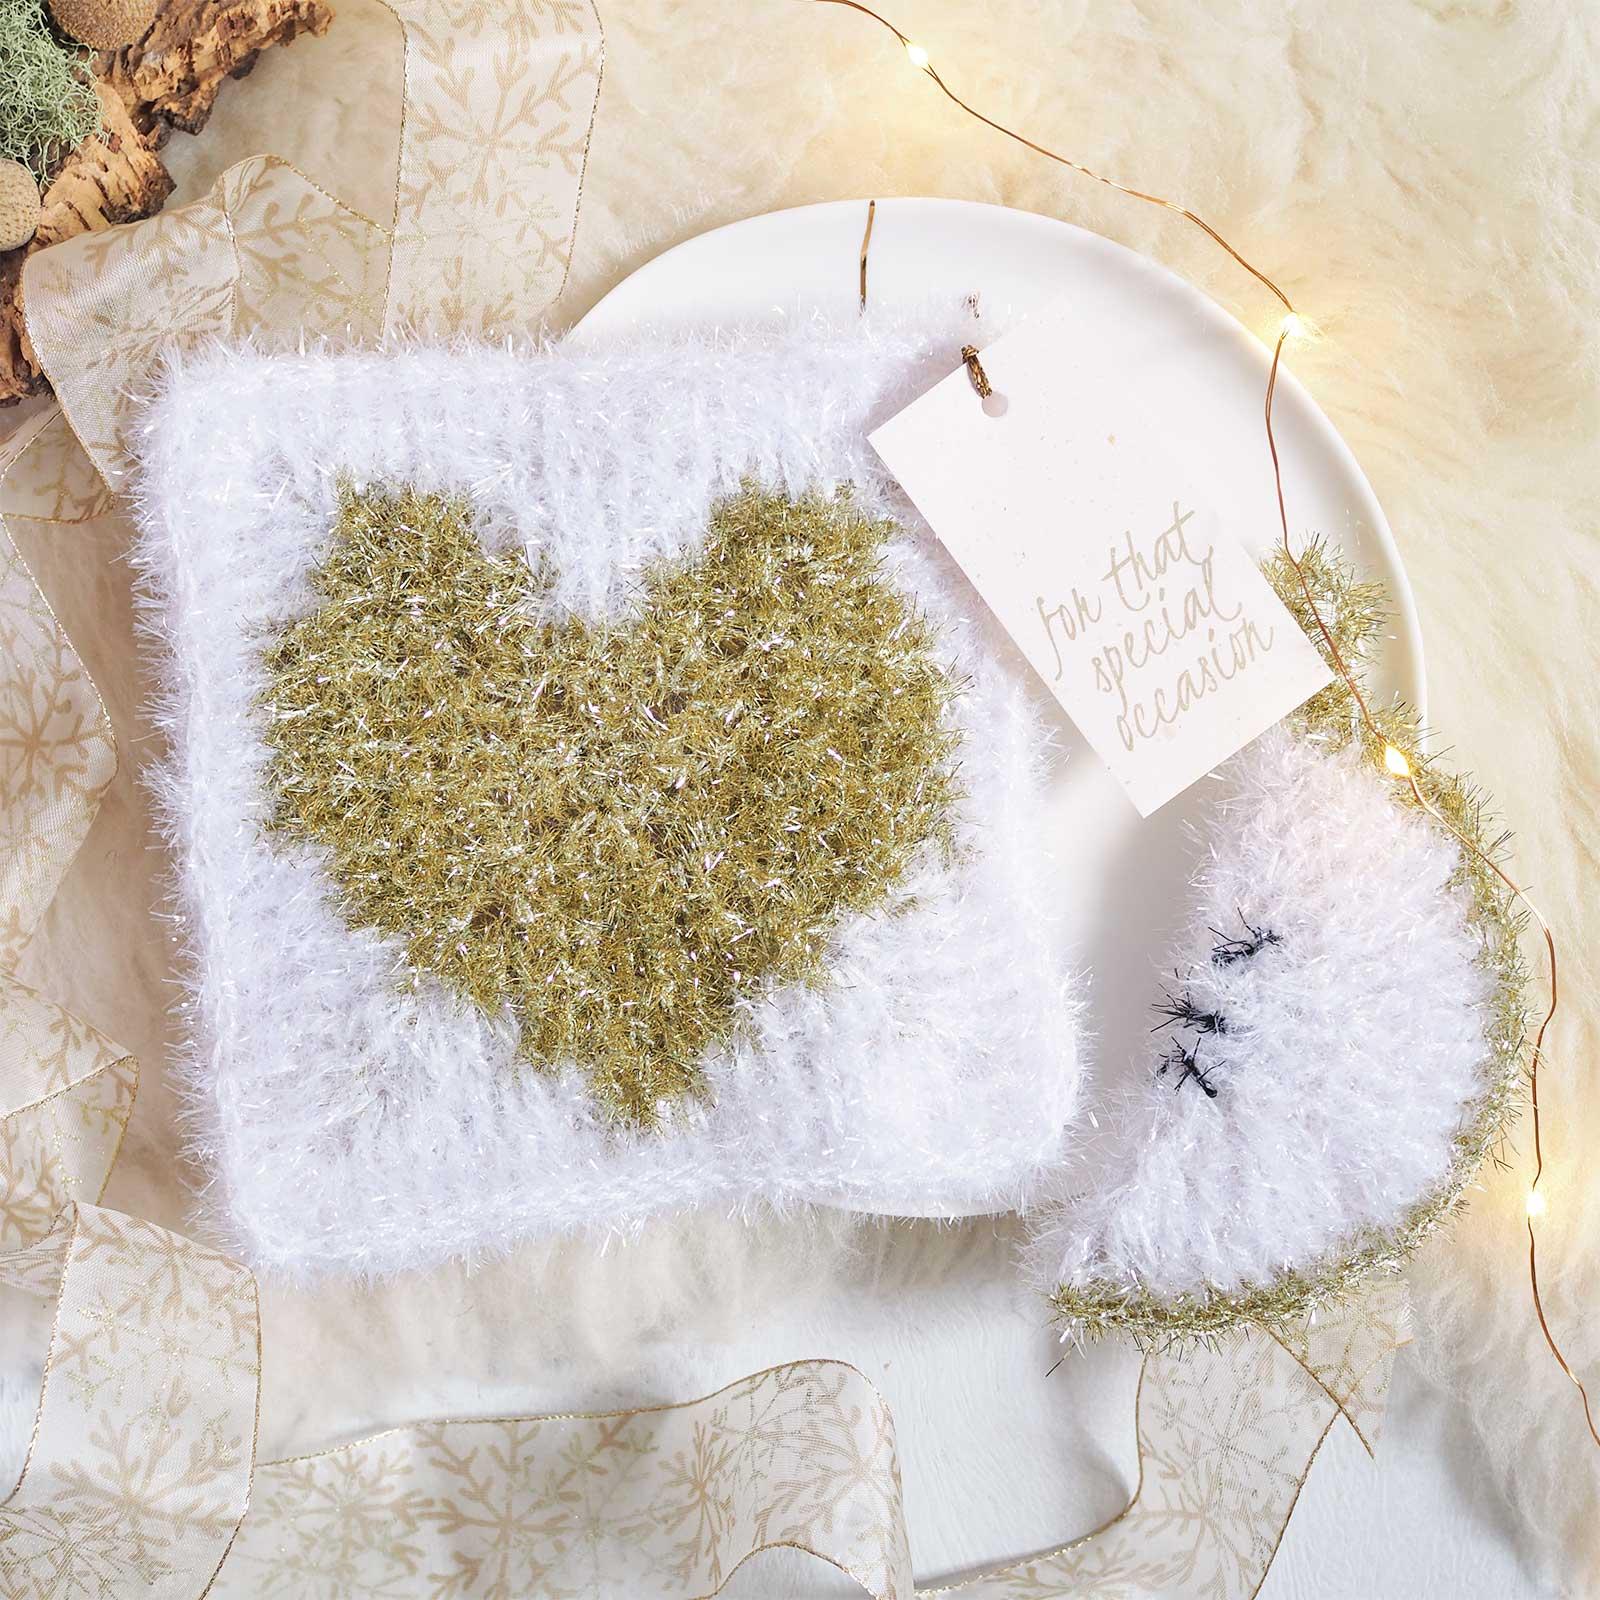 crochet éponge tawashi coeur blanc or nouvel an laboutiquedemelimelo